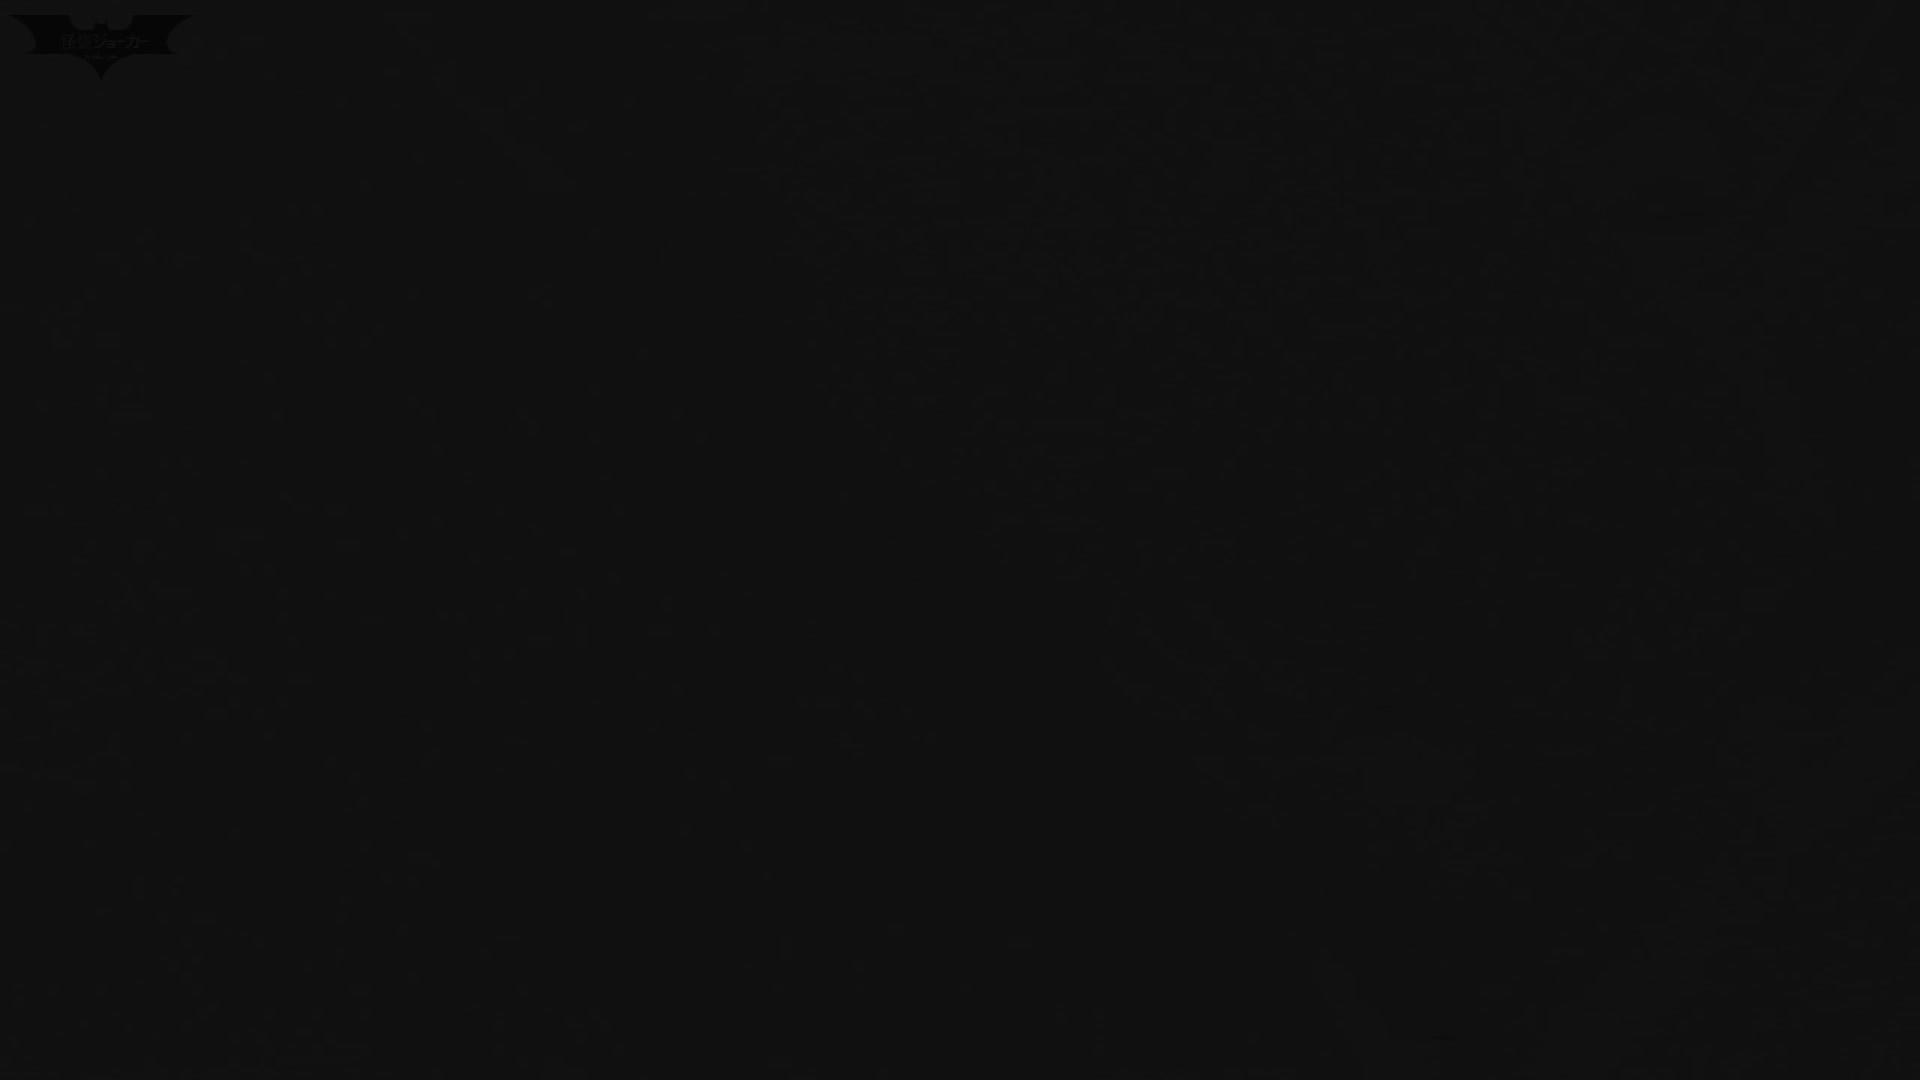 【期間・個数限定配信】 マンコ丸見え!第三体育館潜入撮File001 期間限定   マンコ特集  77連発 48